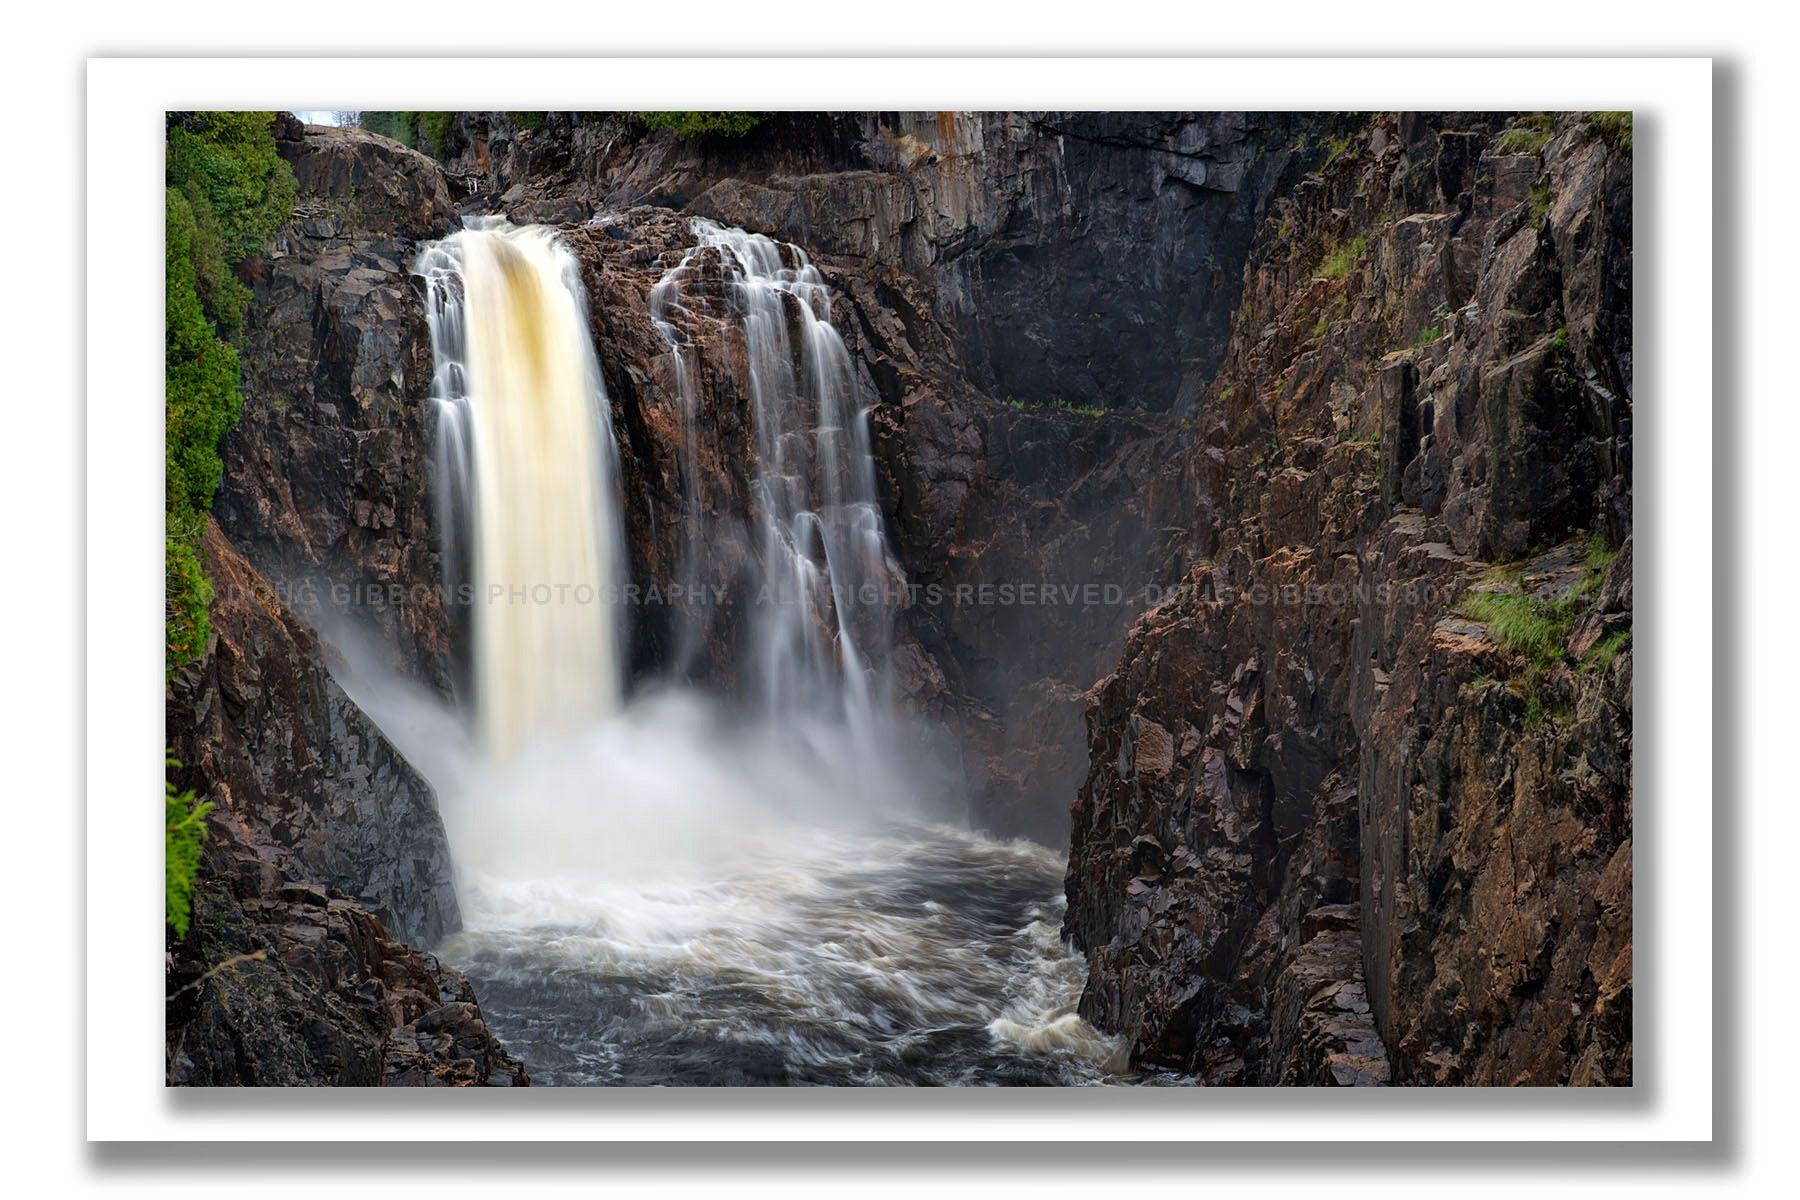 Umbata Falls